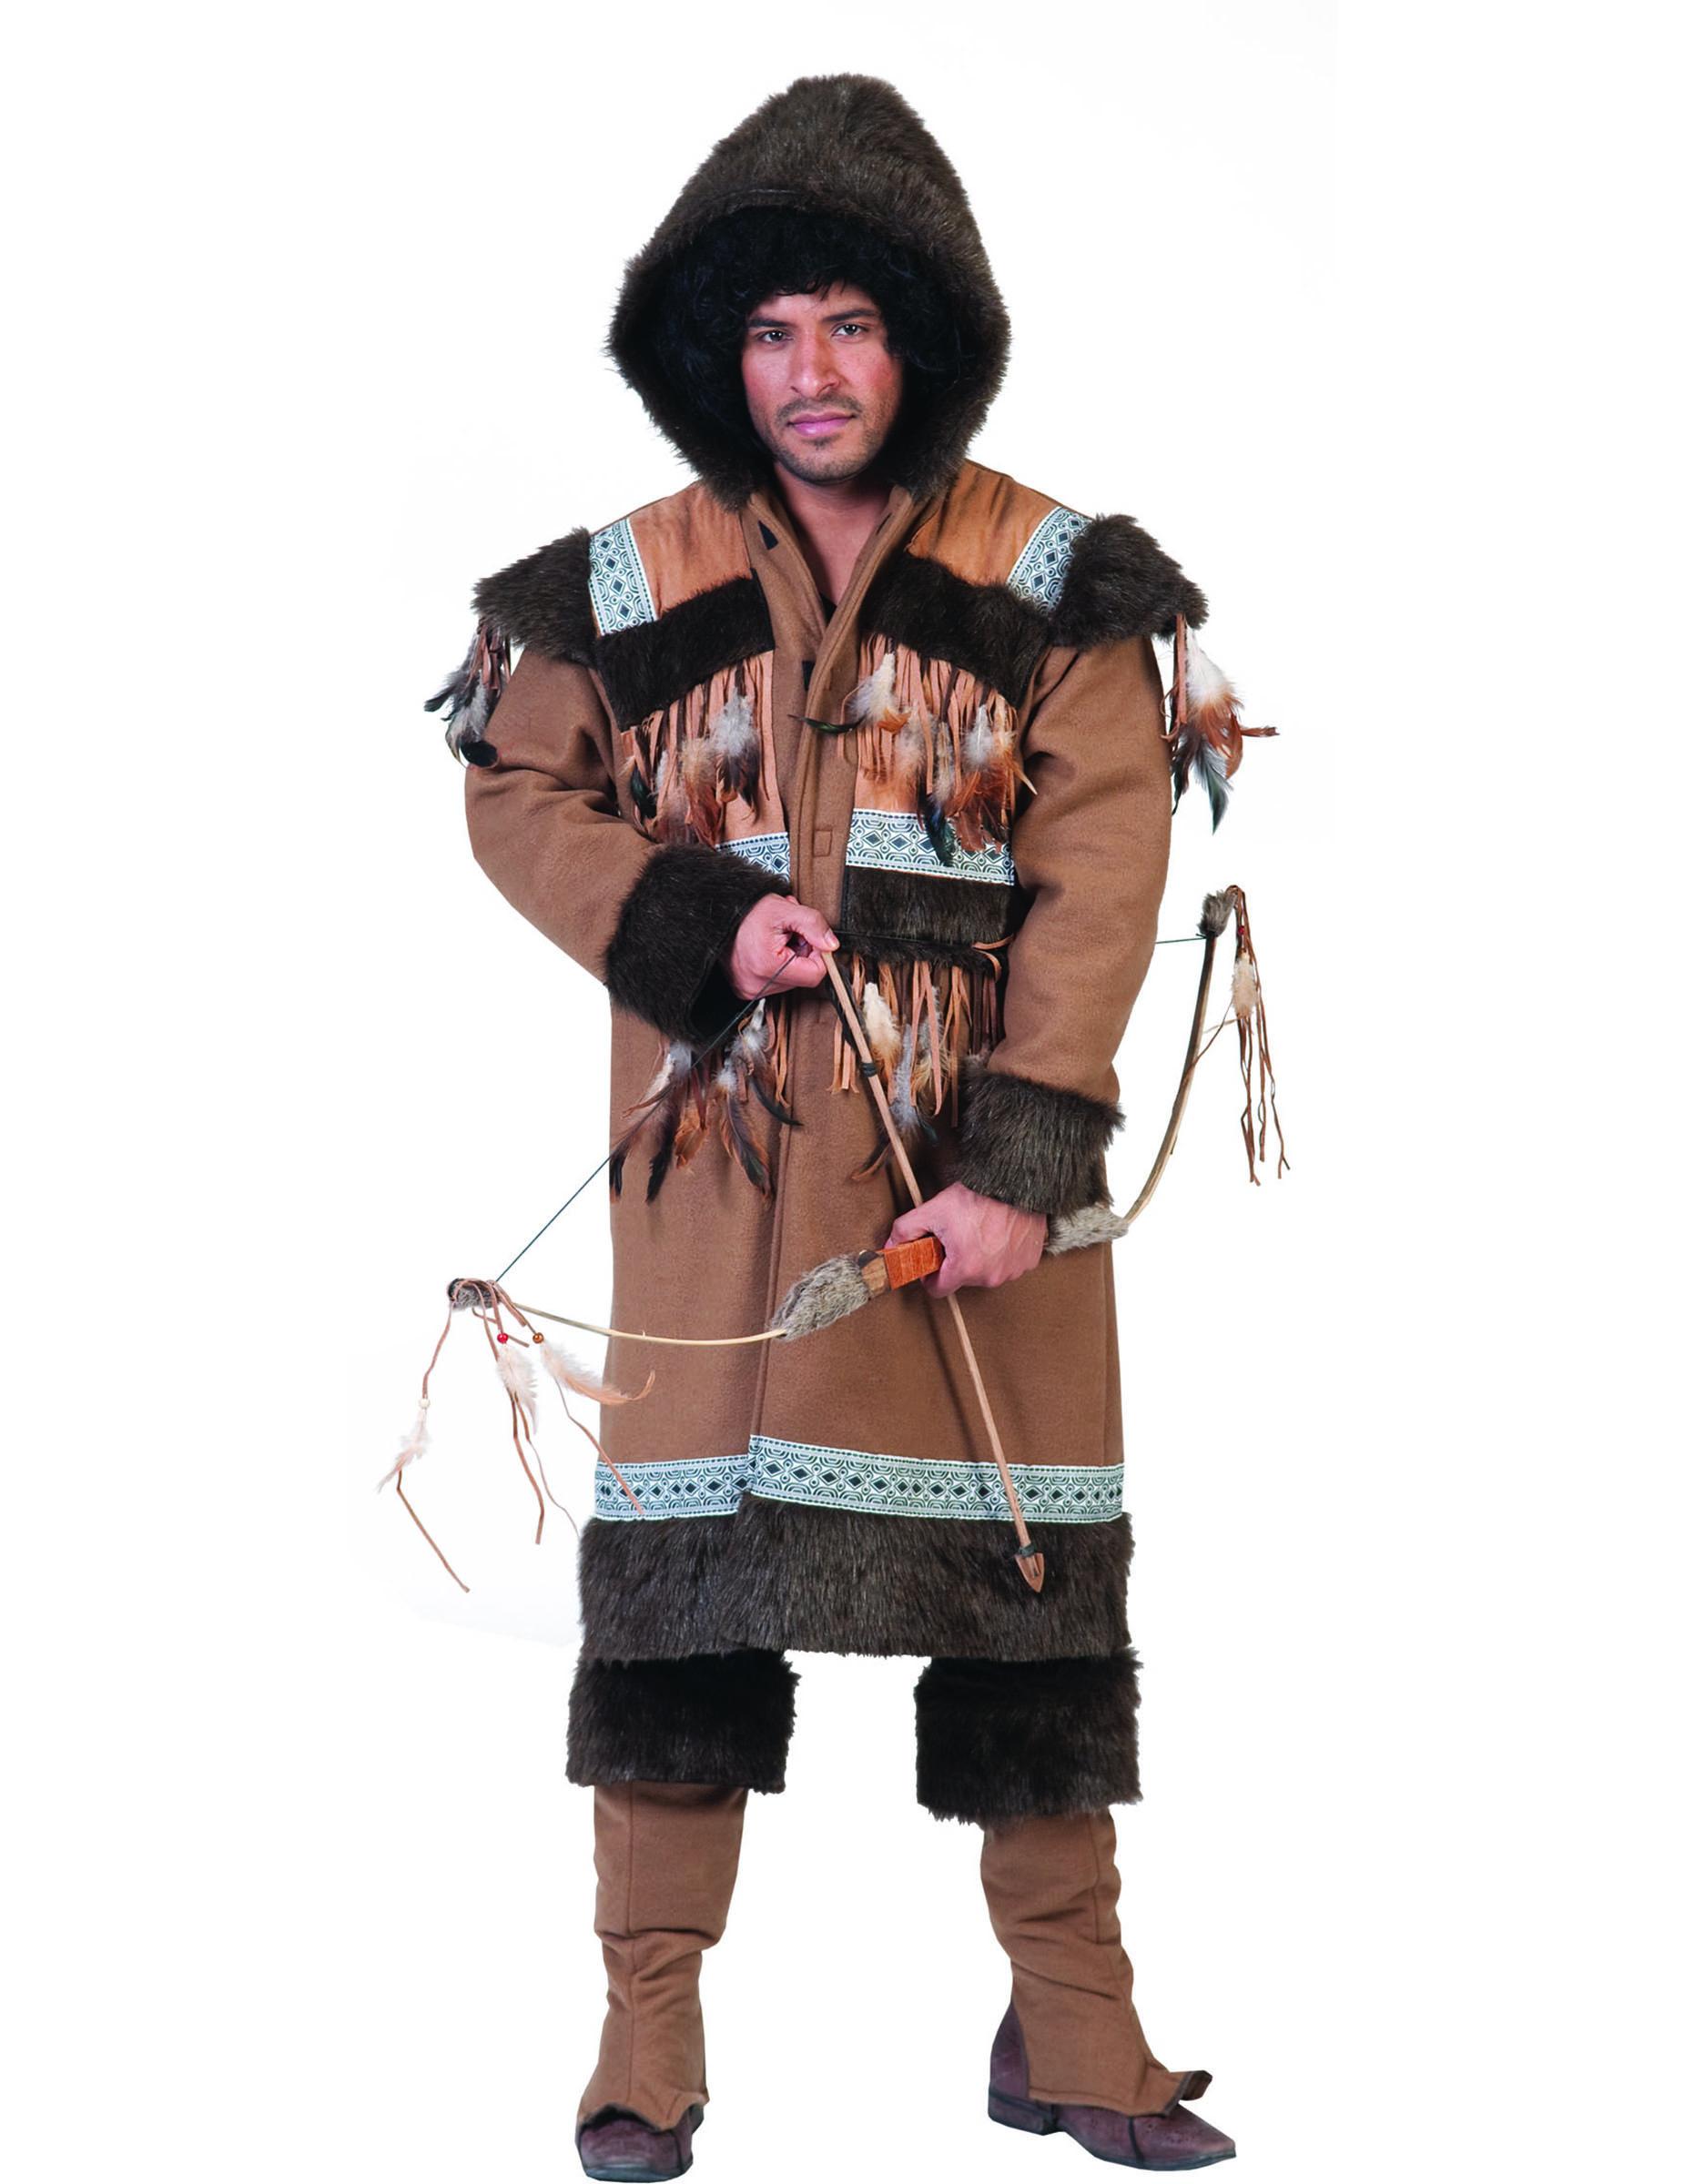 592c30f6f6 Costume eschimese per uomo: Costumi adulti,e vestiti di carnevale ...